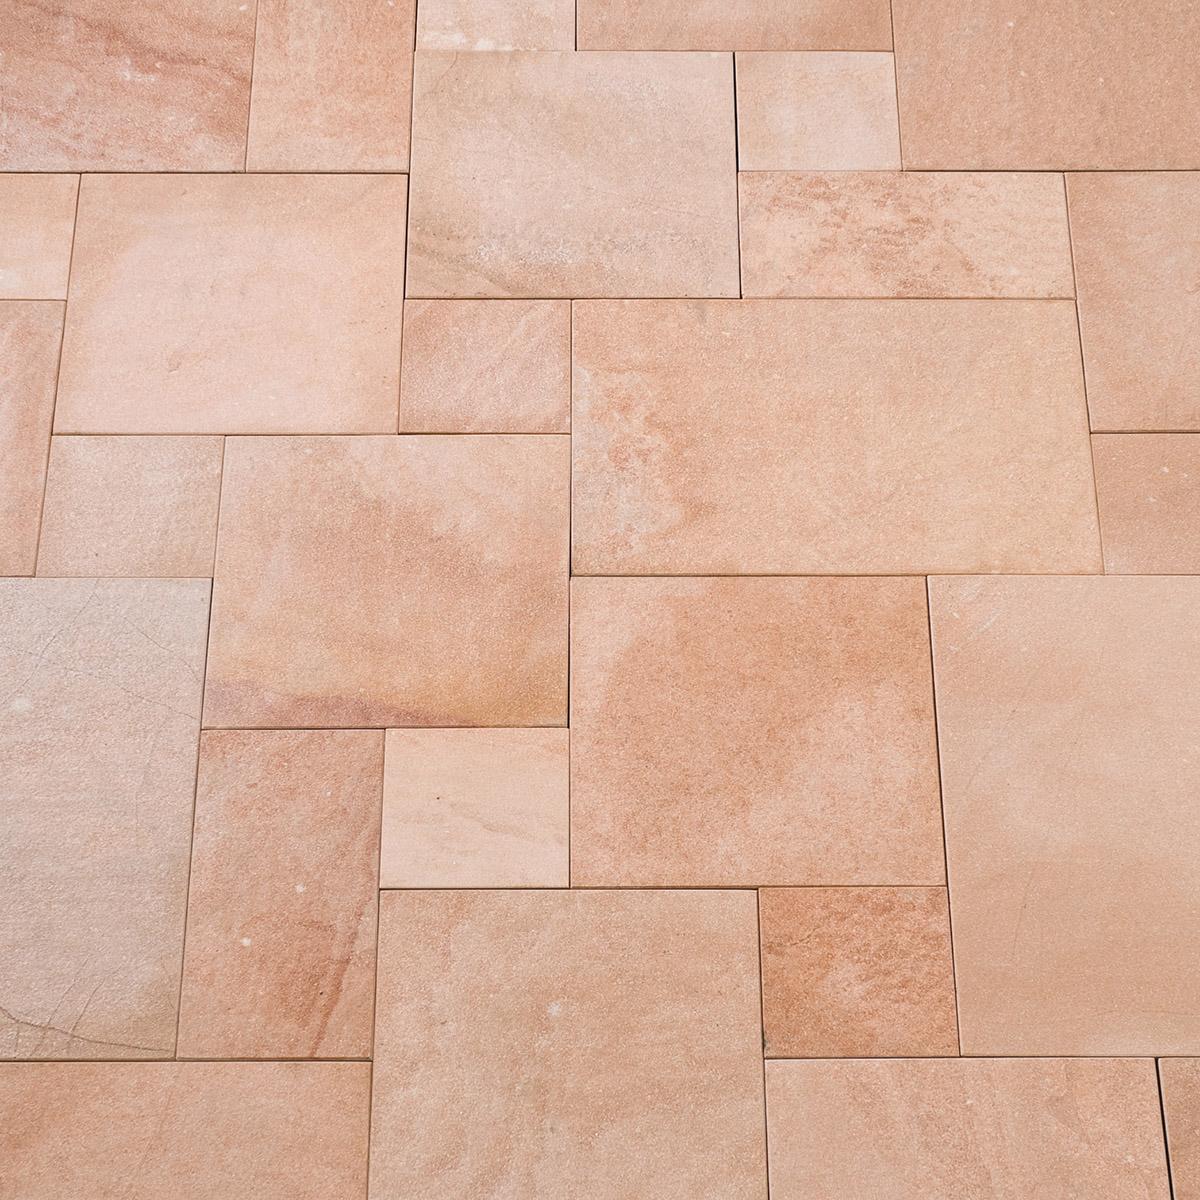 Terrassenplatten Sandstein ARAVALLIbrgeflammt Naturstein Baumaterial - Terrassenplatten 40x40 terracotta